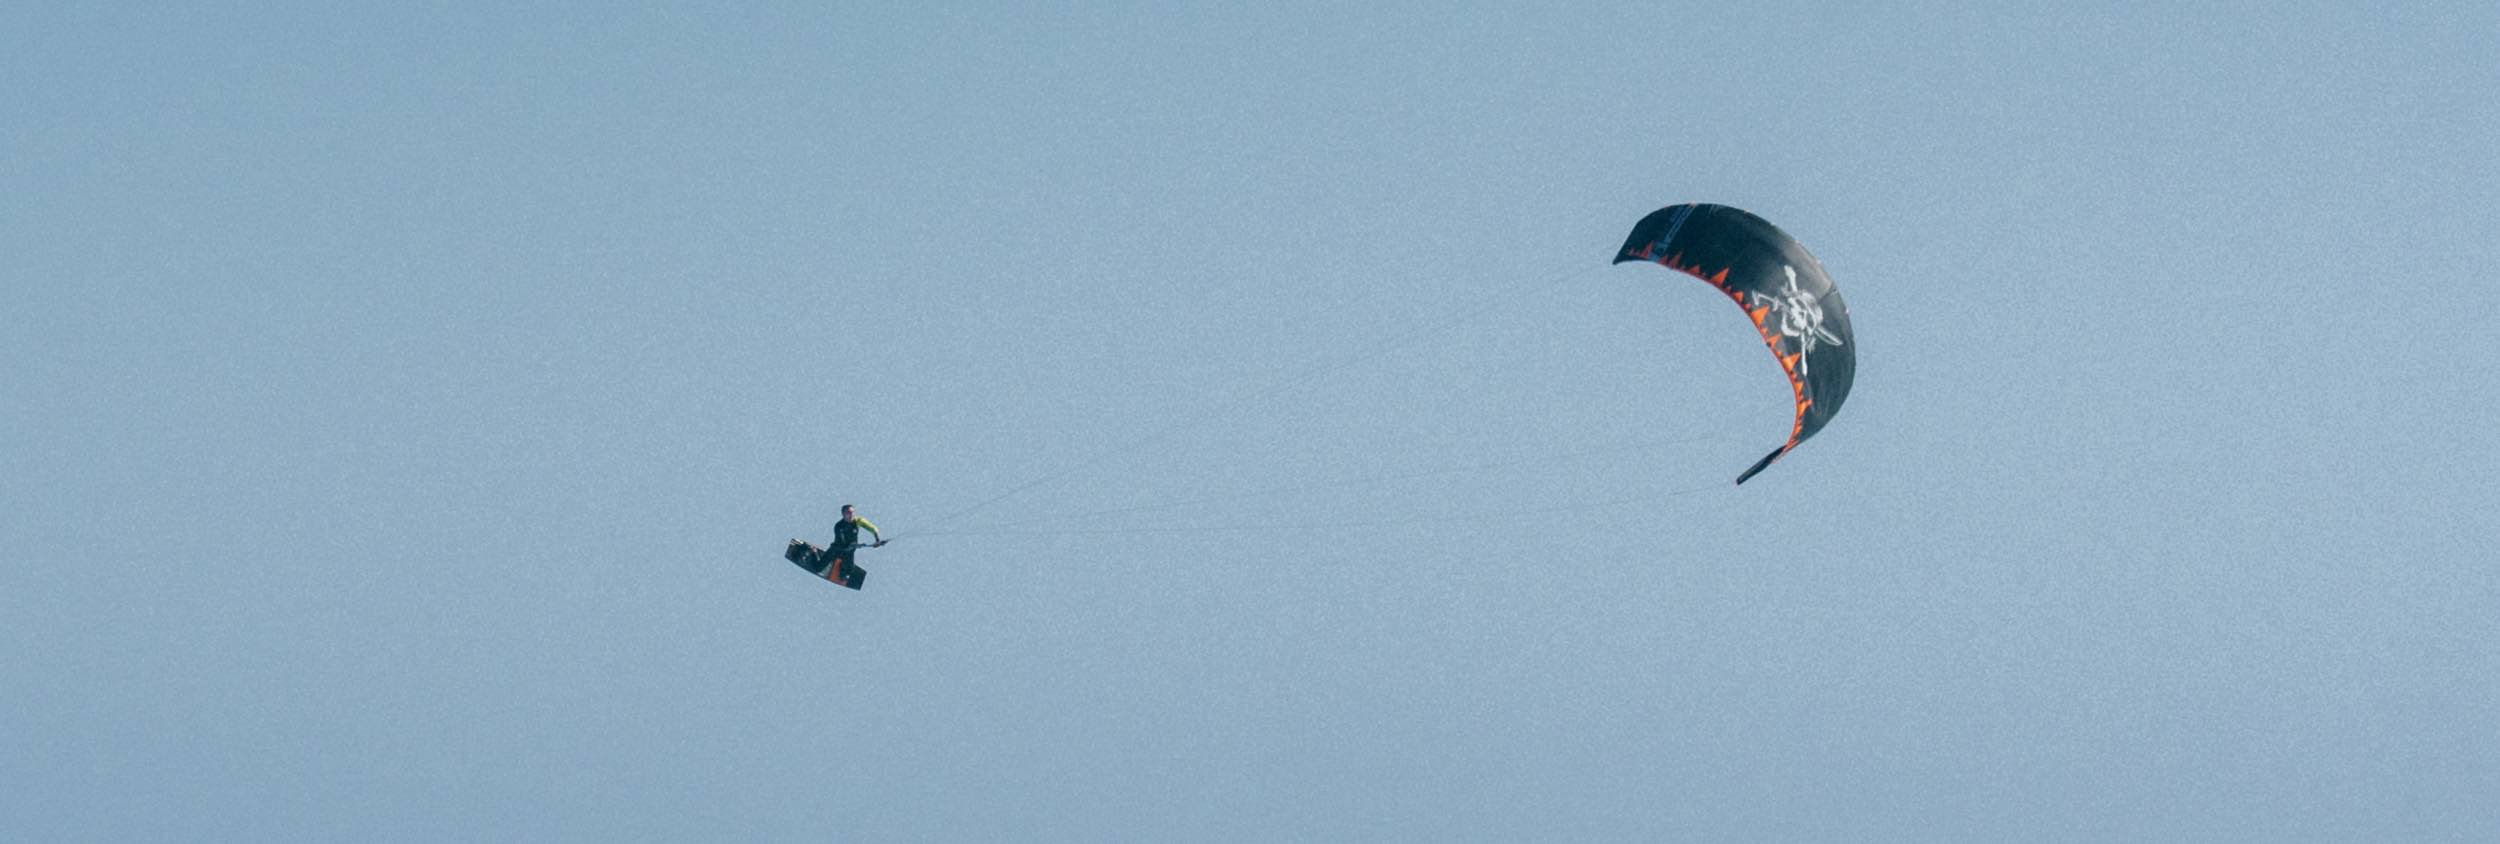 Looping the Dash kite